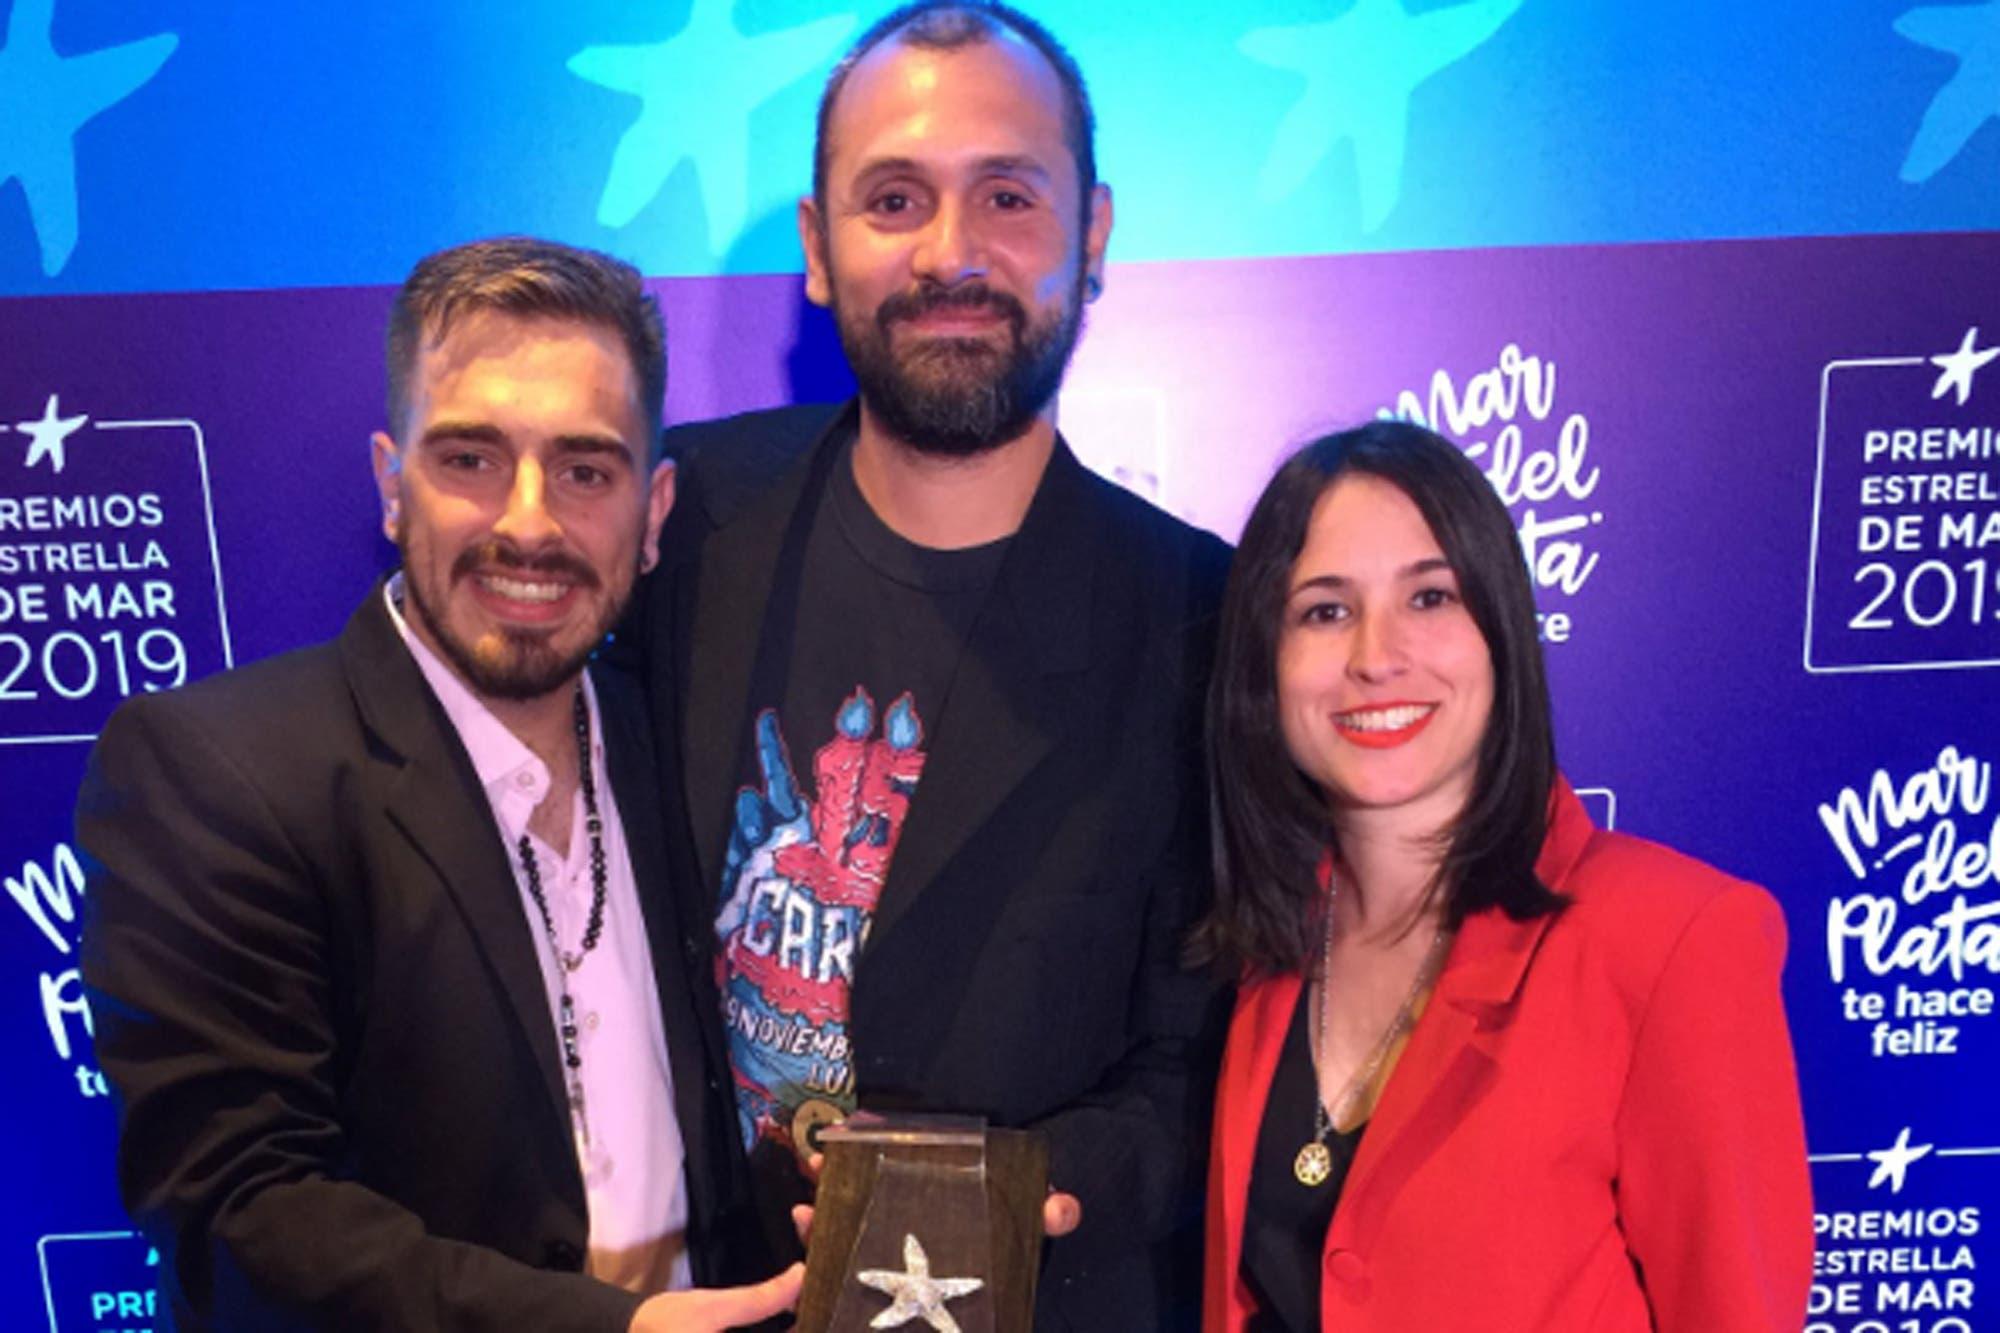 Premios Estrella de Mar 2019: todos los ganadores